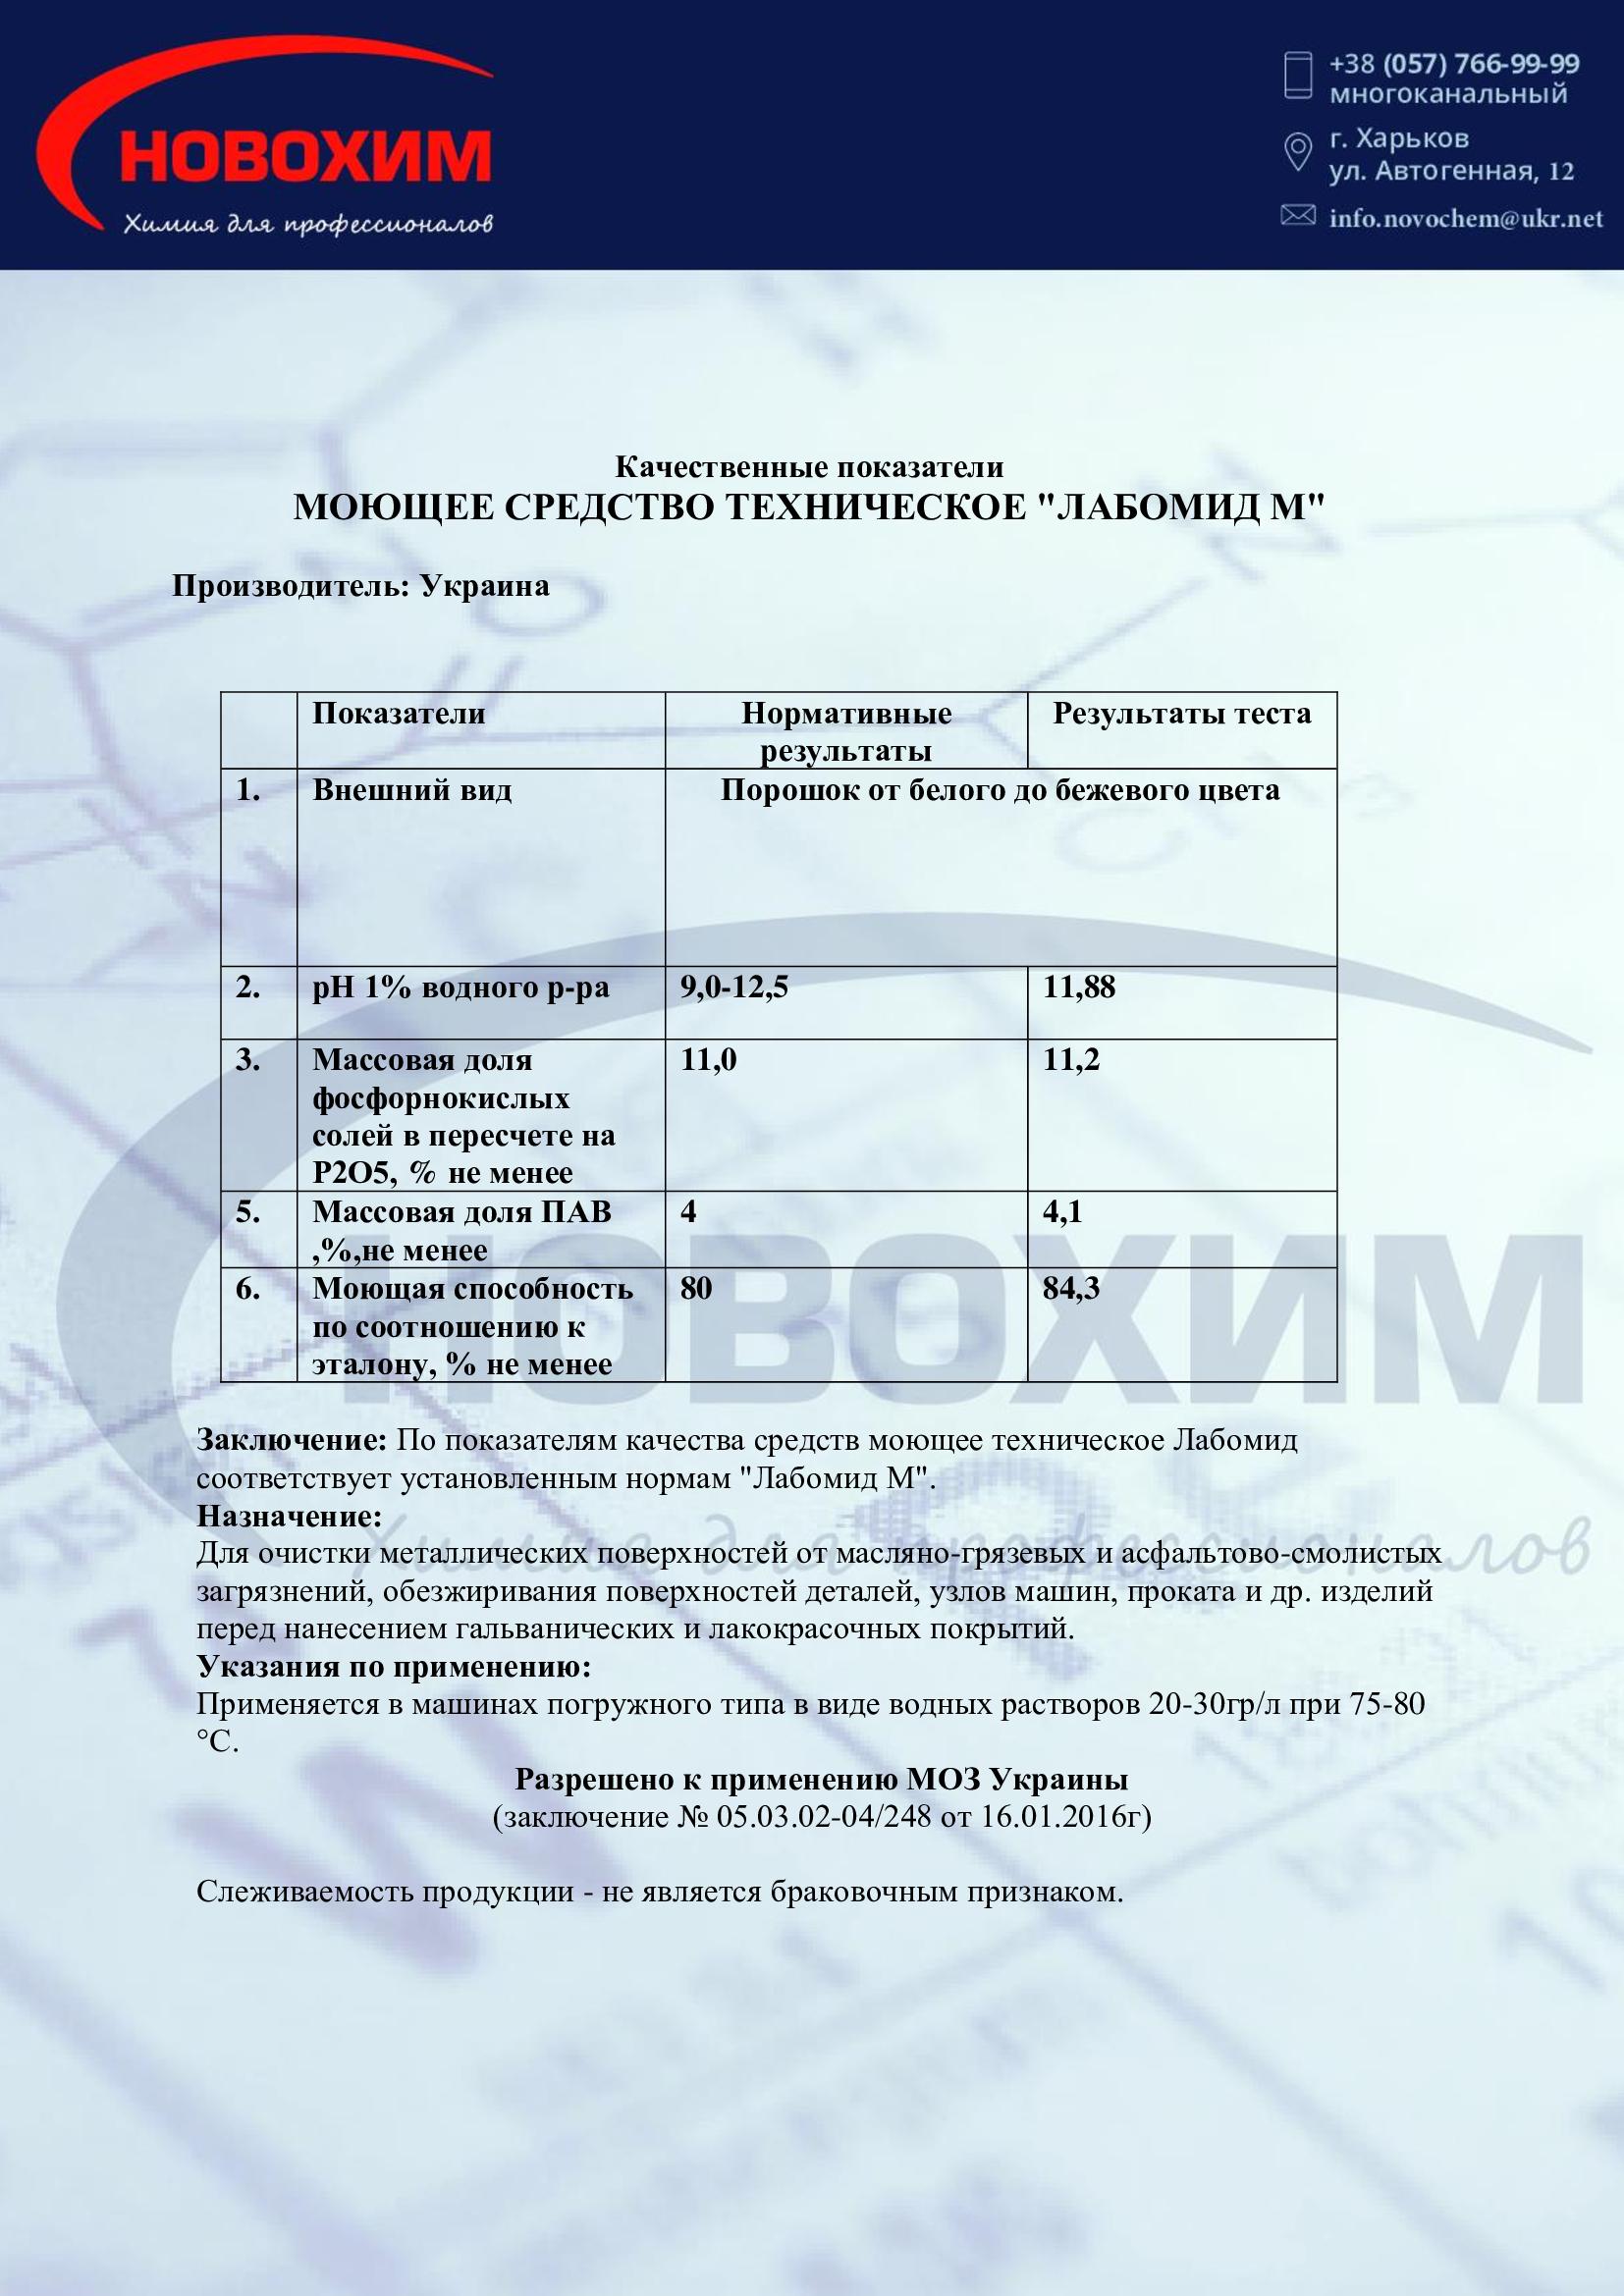 Фото сертификата Лабомид М